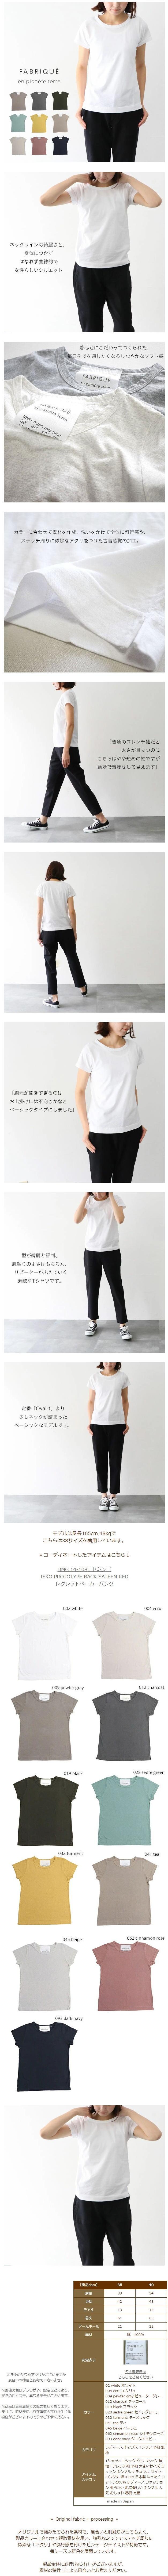 FABRIQUE en planete terre 81005 ファブリケアンプラネテール s/s Basic-t 半袖カットソー Tシャツ